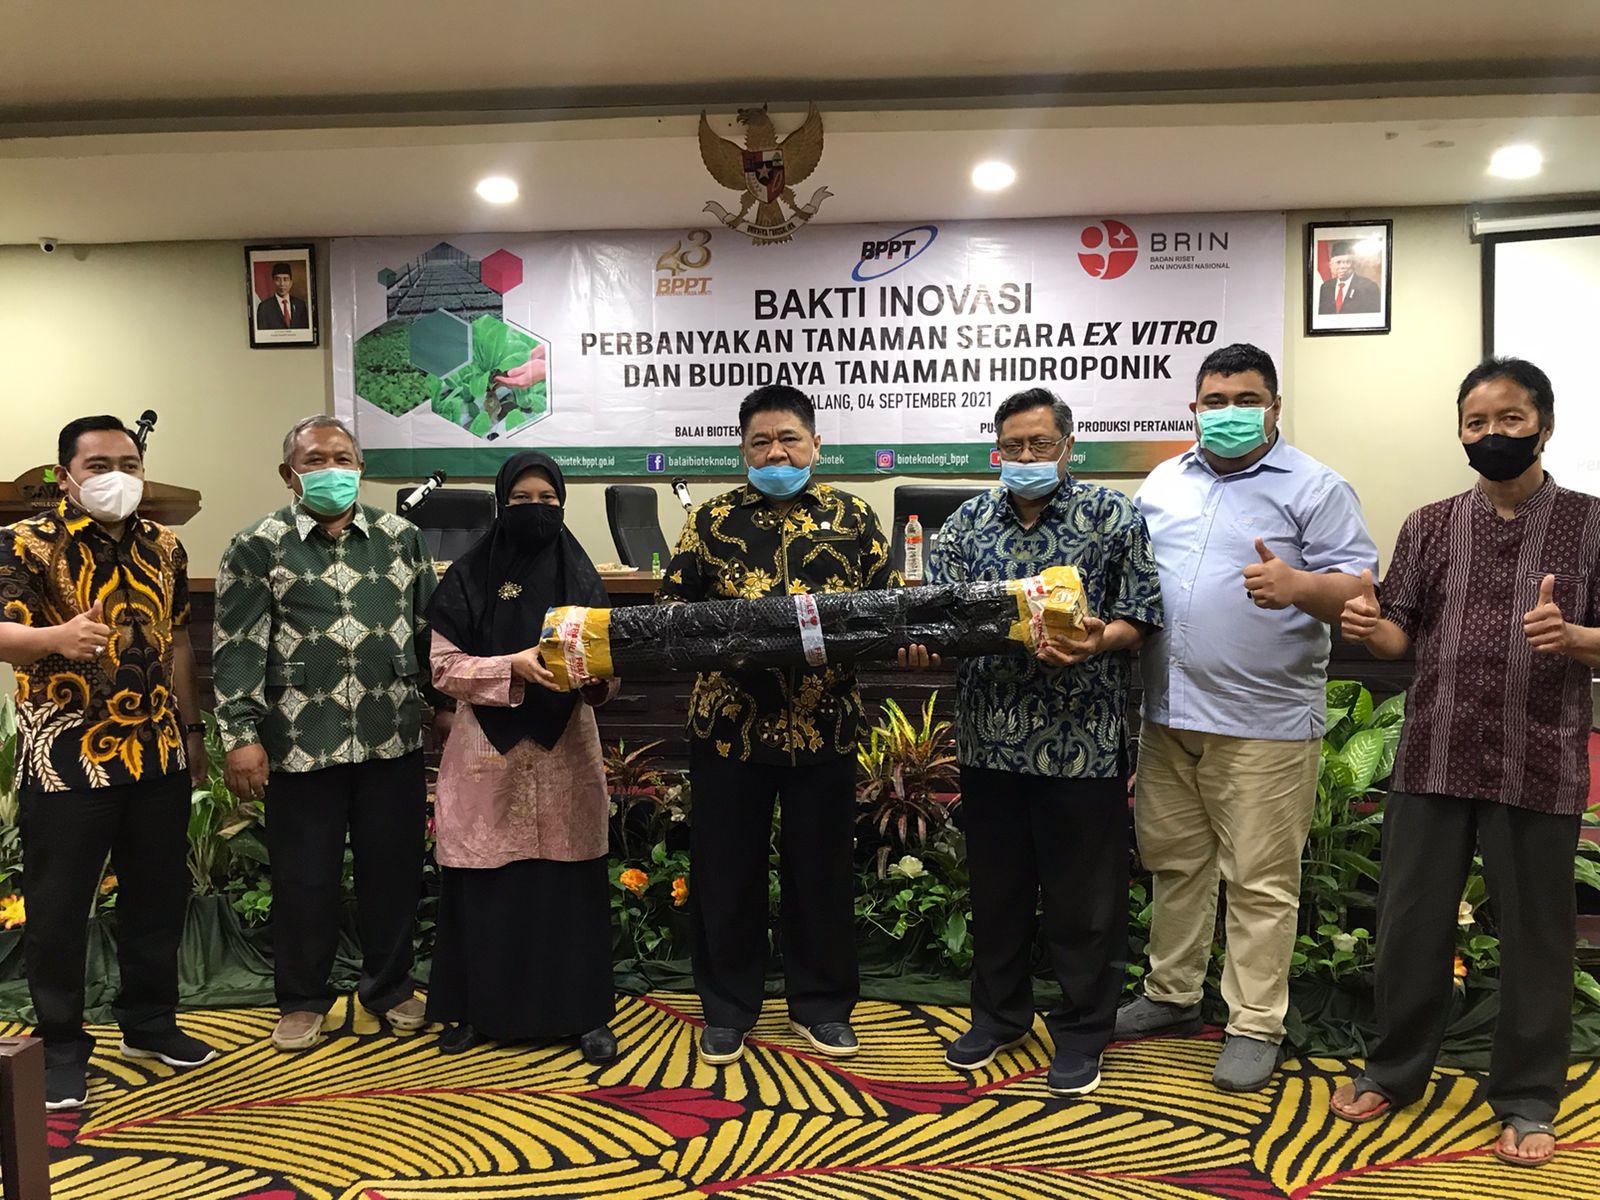 Gandeng BPPT, Ridwan Hisjam Serahkan 500 Bibit Lada dan 10 Alat Hidroponik Untuk Petani Kota Malang